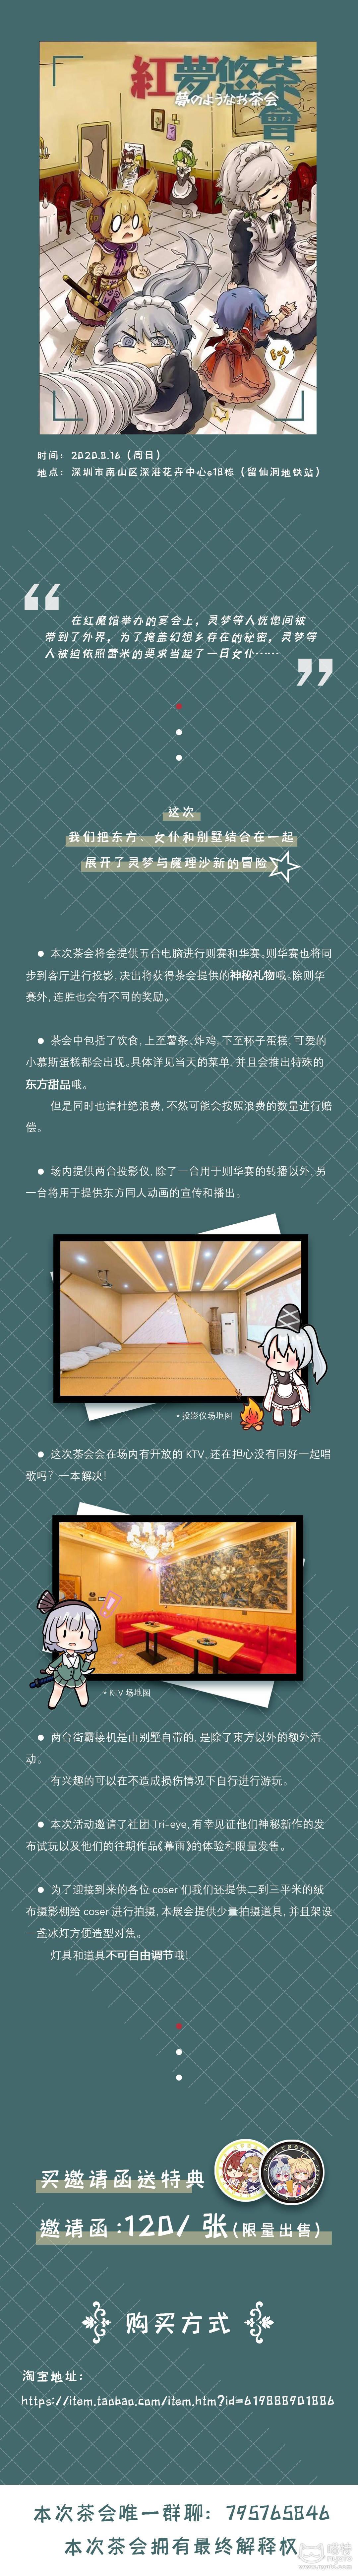 QQ图片20200804095859.jpg